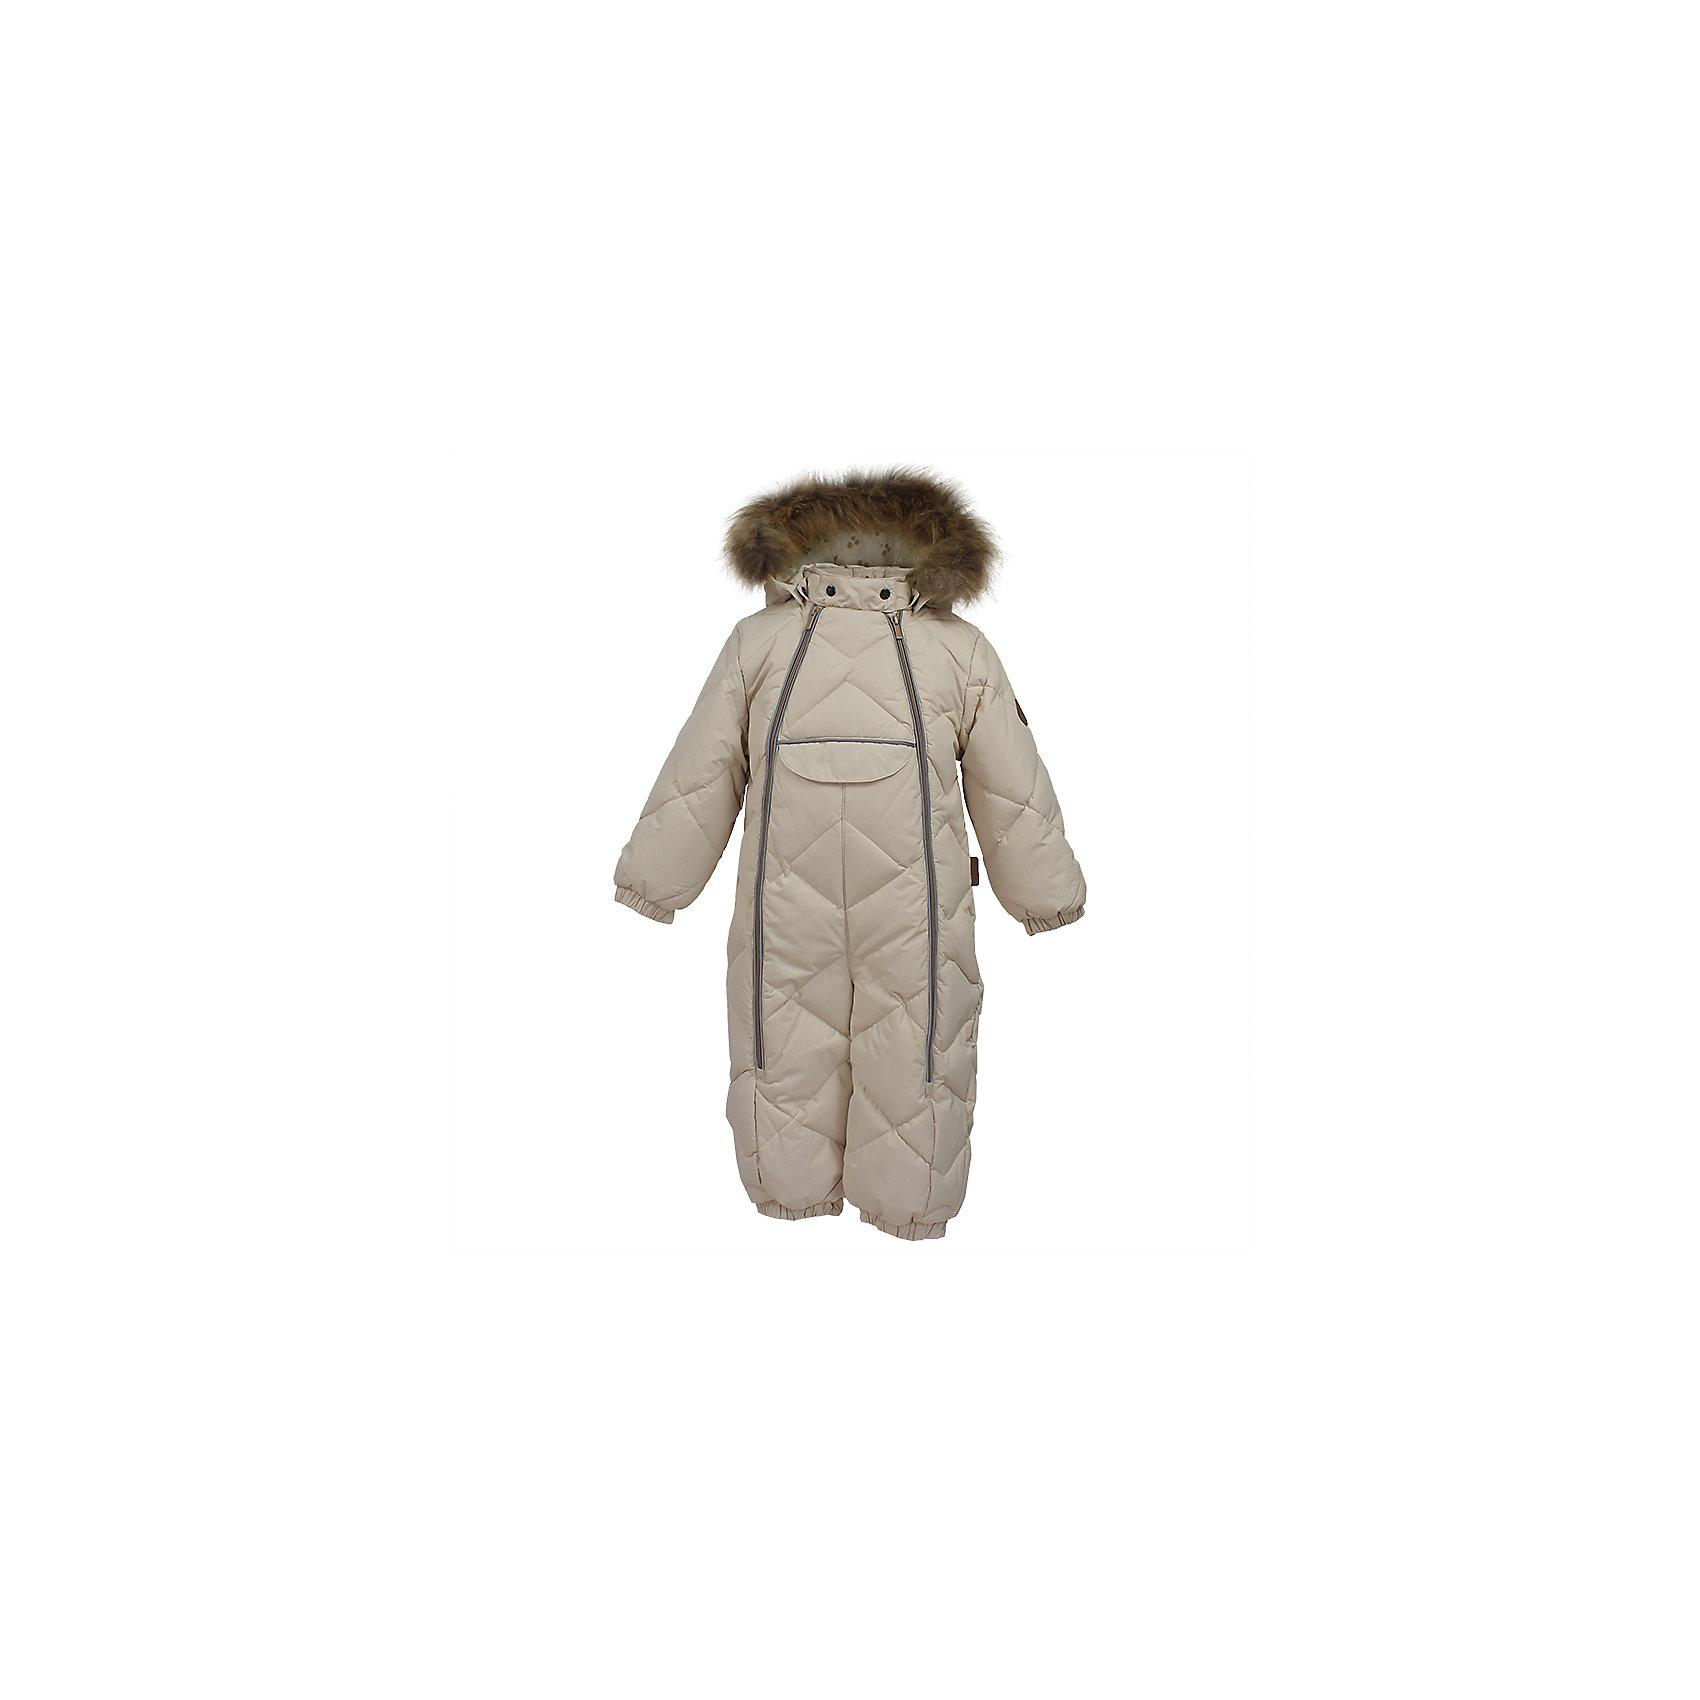 Конверт BEATA 1 HuppaВерхняя одежда<br>Характеристики товара:<br><br>• модель: Beata 1;<br>• цвет: светло-бежевый;<br>• состав: 100% полиэстер;<br>• утеплитель: 50% пух, 50% перо.;<br>• подкладка: фланель,100% хлопок;<br>• сезон: зима;<br>• температурный режим: от - 5 до - 30С;<br>• водонепроницаемость: 5000 мм;<br>• воздухопроницаемость: 5000 г/м2/24ч;<br>• влагоустойчивая и дышащая ткань верхнего слоя изделияпозволяет сохранить внутри собственное тепло ребенка и препятствует попаданию извне холодного воздуха;<br>• две длинные боковые молнии;<br>• безопасный капюшон крепится на кнопки и, при необходимости, отстегивается;<br>• натуральный мех на капюшоне съемный;<br>• потайной кармашек на груди;<br>• манжеты рукавов на резинке;<br>• манжеты рукавов с отворотом у размеров 62 - 80;<br>• у брючин отсутствуют внутренние швы;<br>• добавлены силиконовые штрипки;<br>• светоотражающие детали для безопасности ребенка;<br>• страна бренда: Финляндия;<br>• страна изготовитель: Эстония.<br><br>Детский комбинезон  Beata 1 выполнен из высококачественного полиэстера. Подкладка — из 100% хлопка ( фланель). <br><br>Модель дополнена съемным капюшоном с отстегивающимся мехом. Манжеты рукавов на резинке, манжеты рукавов с отворотом у размеров 62-80. Манжеты брюк на резинке. Добавлены силиконовые штрипки. Имеются светоотражательные детали.<br><br>Вы можете приобрести детский комбинезон Beata 1 бренда Huppa(Хуппа) в нашем интернет-магазине.<br><br>Ширина мм: 356<br>Глубина мм: 10<br>Высота мм: 245<br>Вес г: 519<br>Цвет: бежевый<br>Возраст от месяцев: 24<br>Возраст до месяцев: 36<br>Пол: Унисекс<br>Возраст: Детский<br>Размер: 98,62,68,74,80,86,92<br>SKU: 7025219